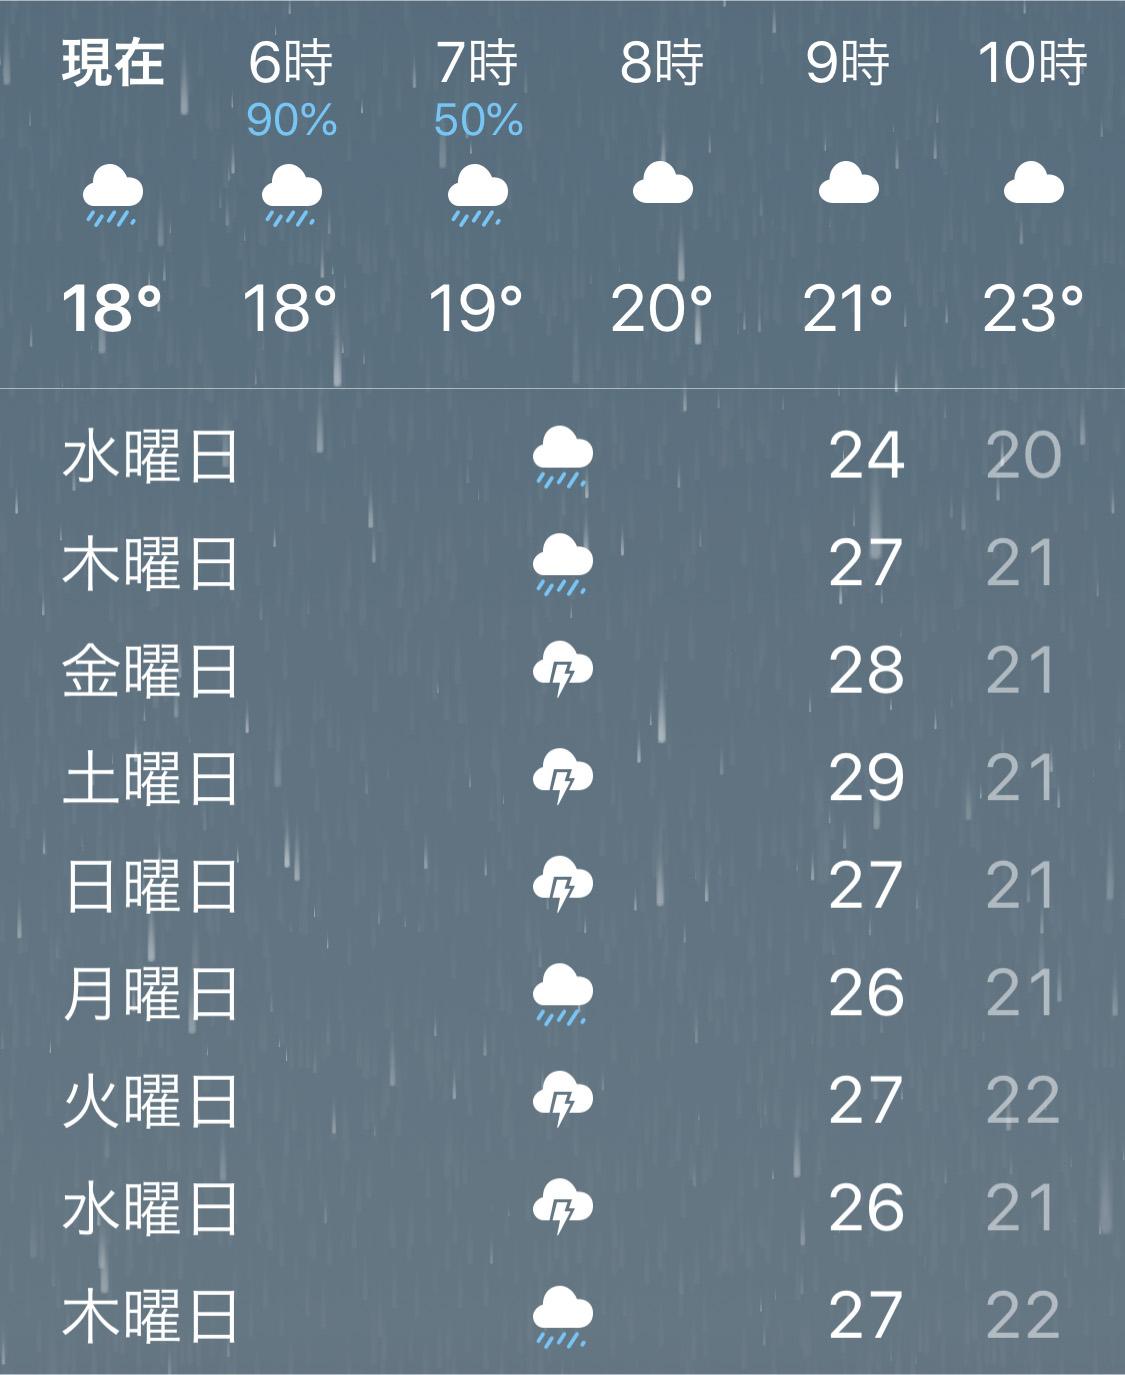 雨マークがズラッと並んだiPhoneの天気App。